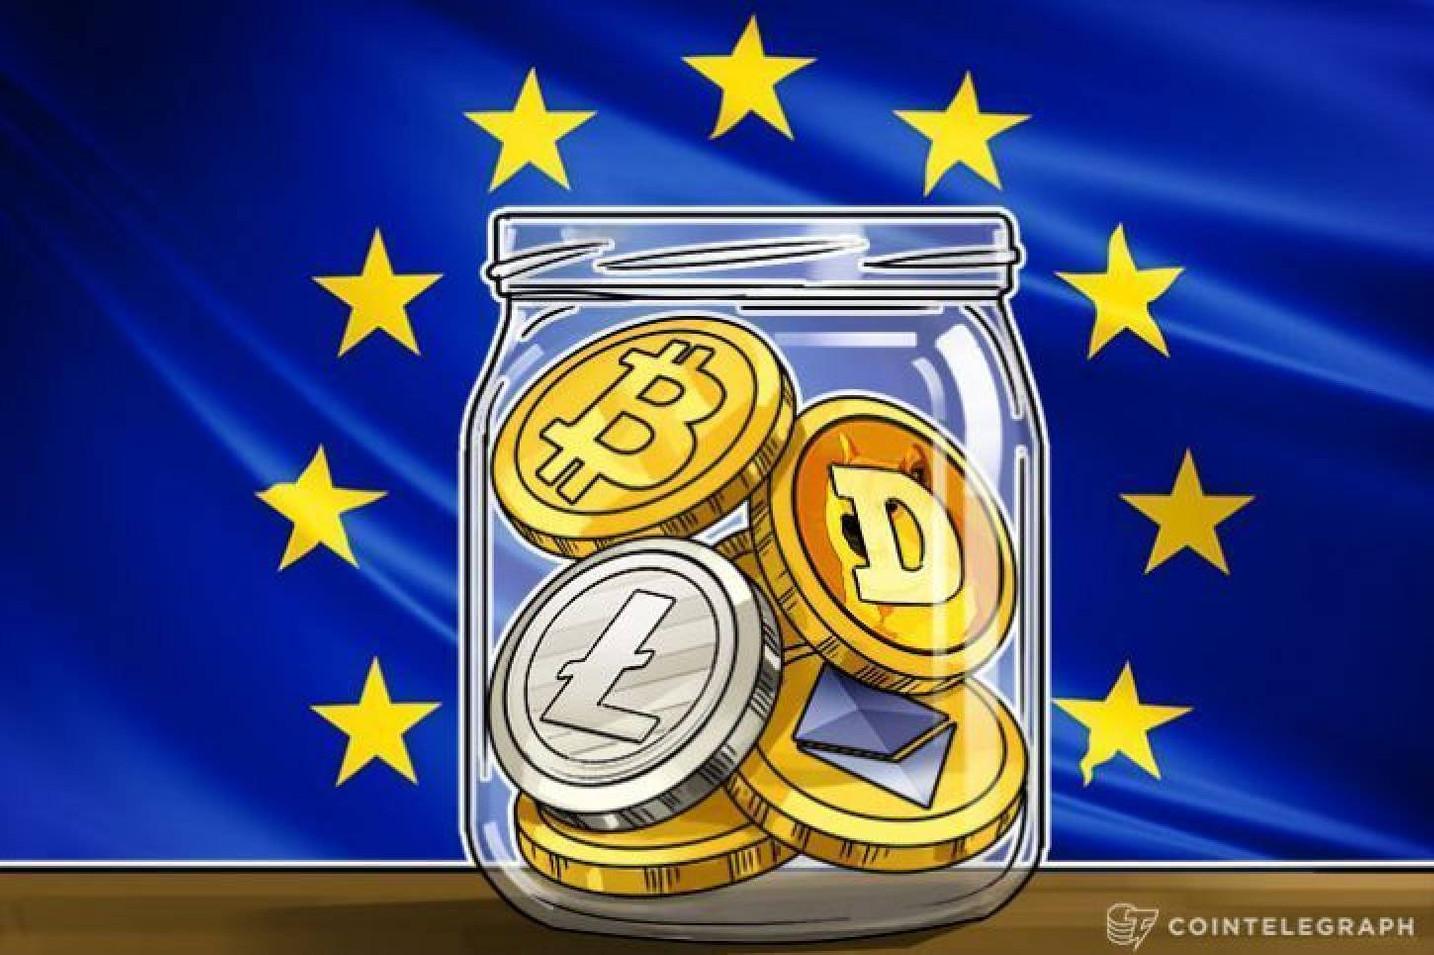 仮想通貨は規模の拡大に耐えられない? BISがみる非中央集権的ネットワークの弱点とは